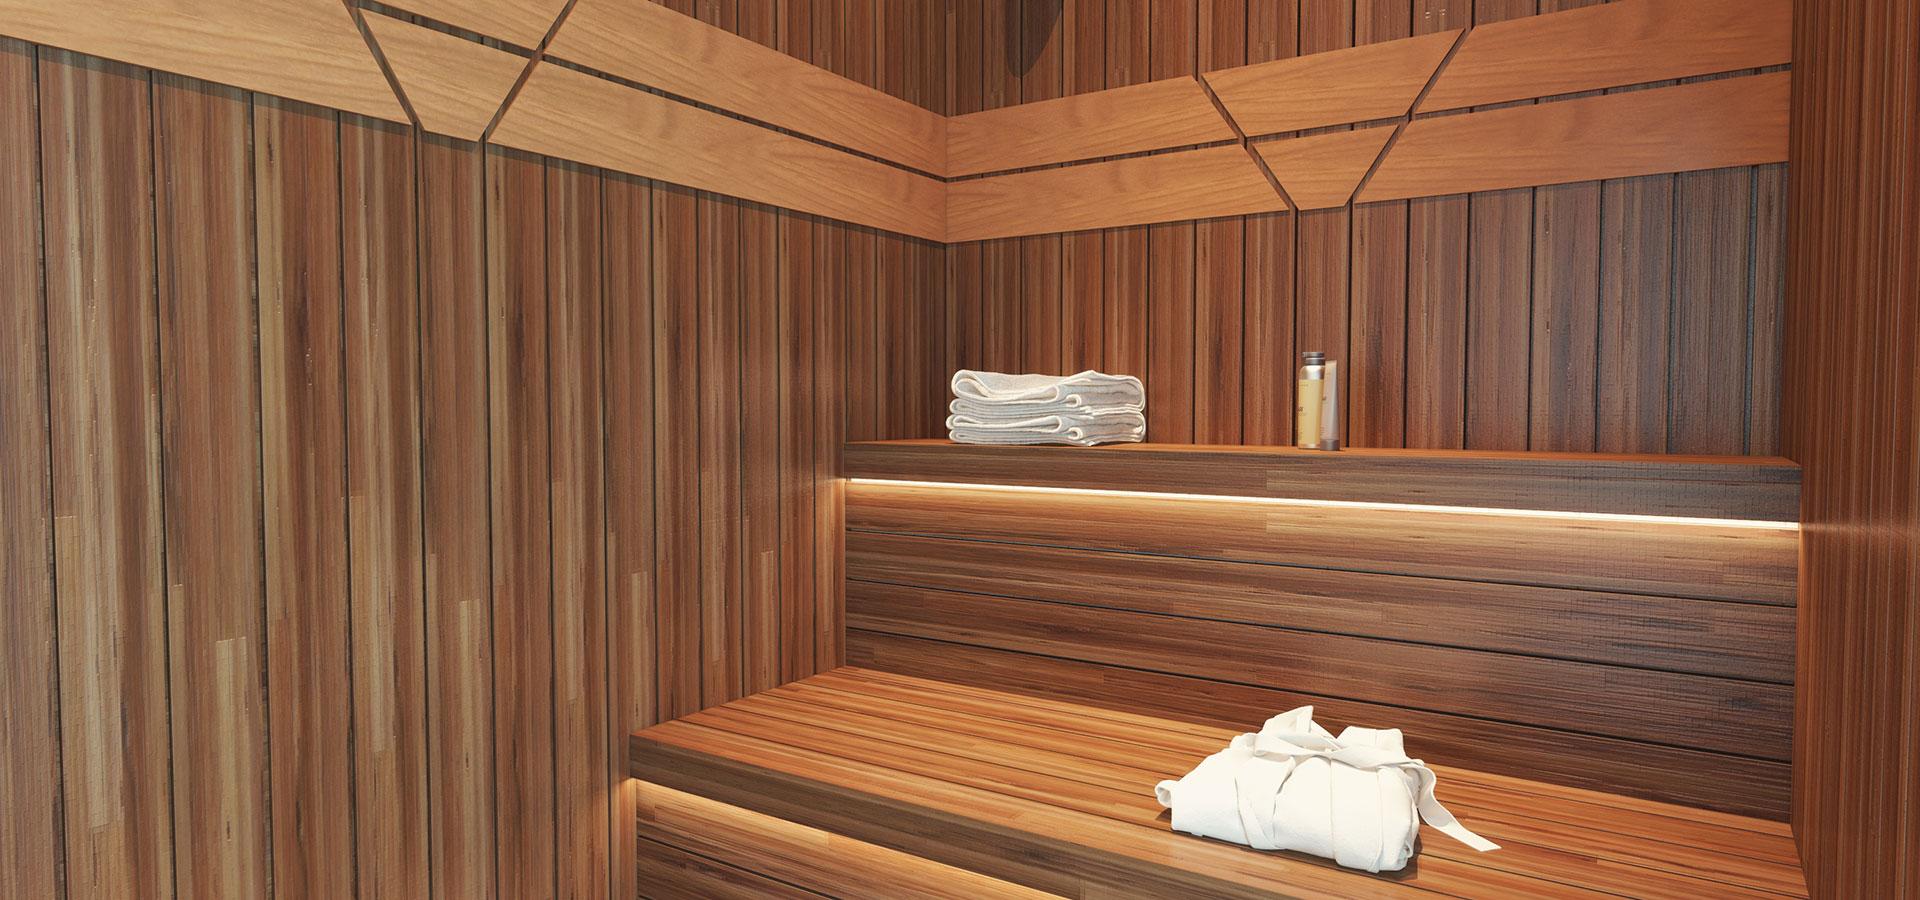 Nossolar-Sauna-Seca-Alta-editado-